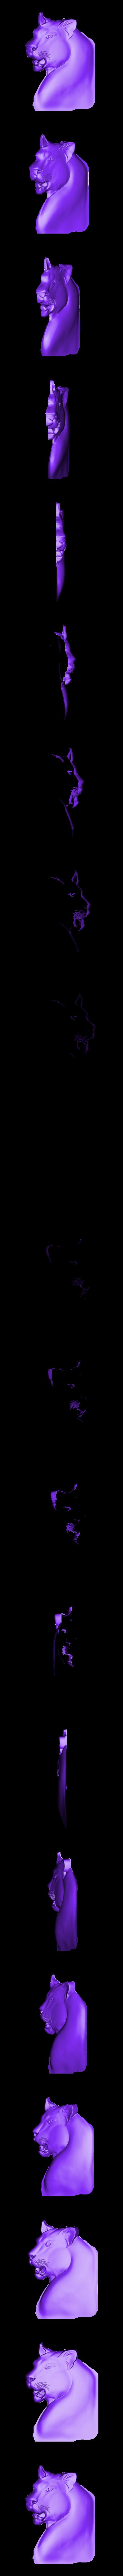 leopard_head.stl Télécharger fichier OBJ gratuit modèle bas-relief de tête de léopard • Modèle pour impression 3D, stlfilesfree